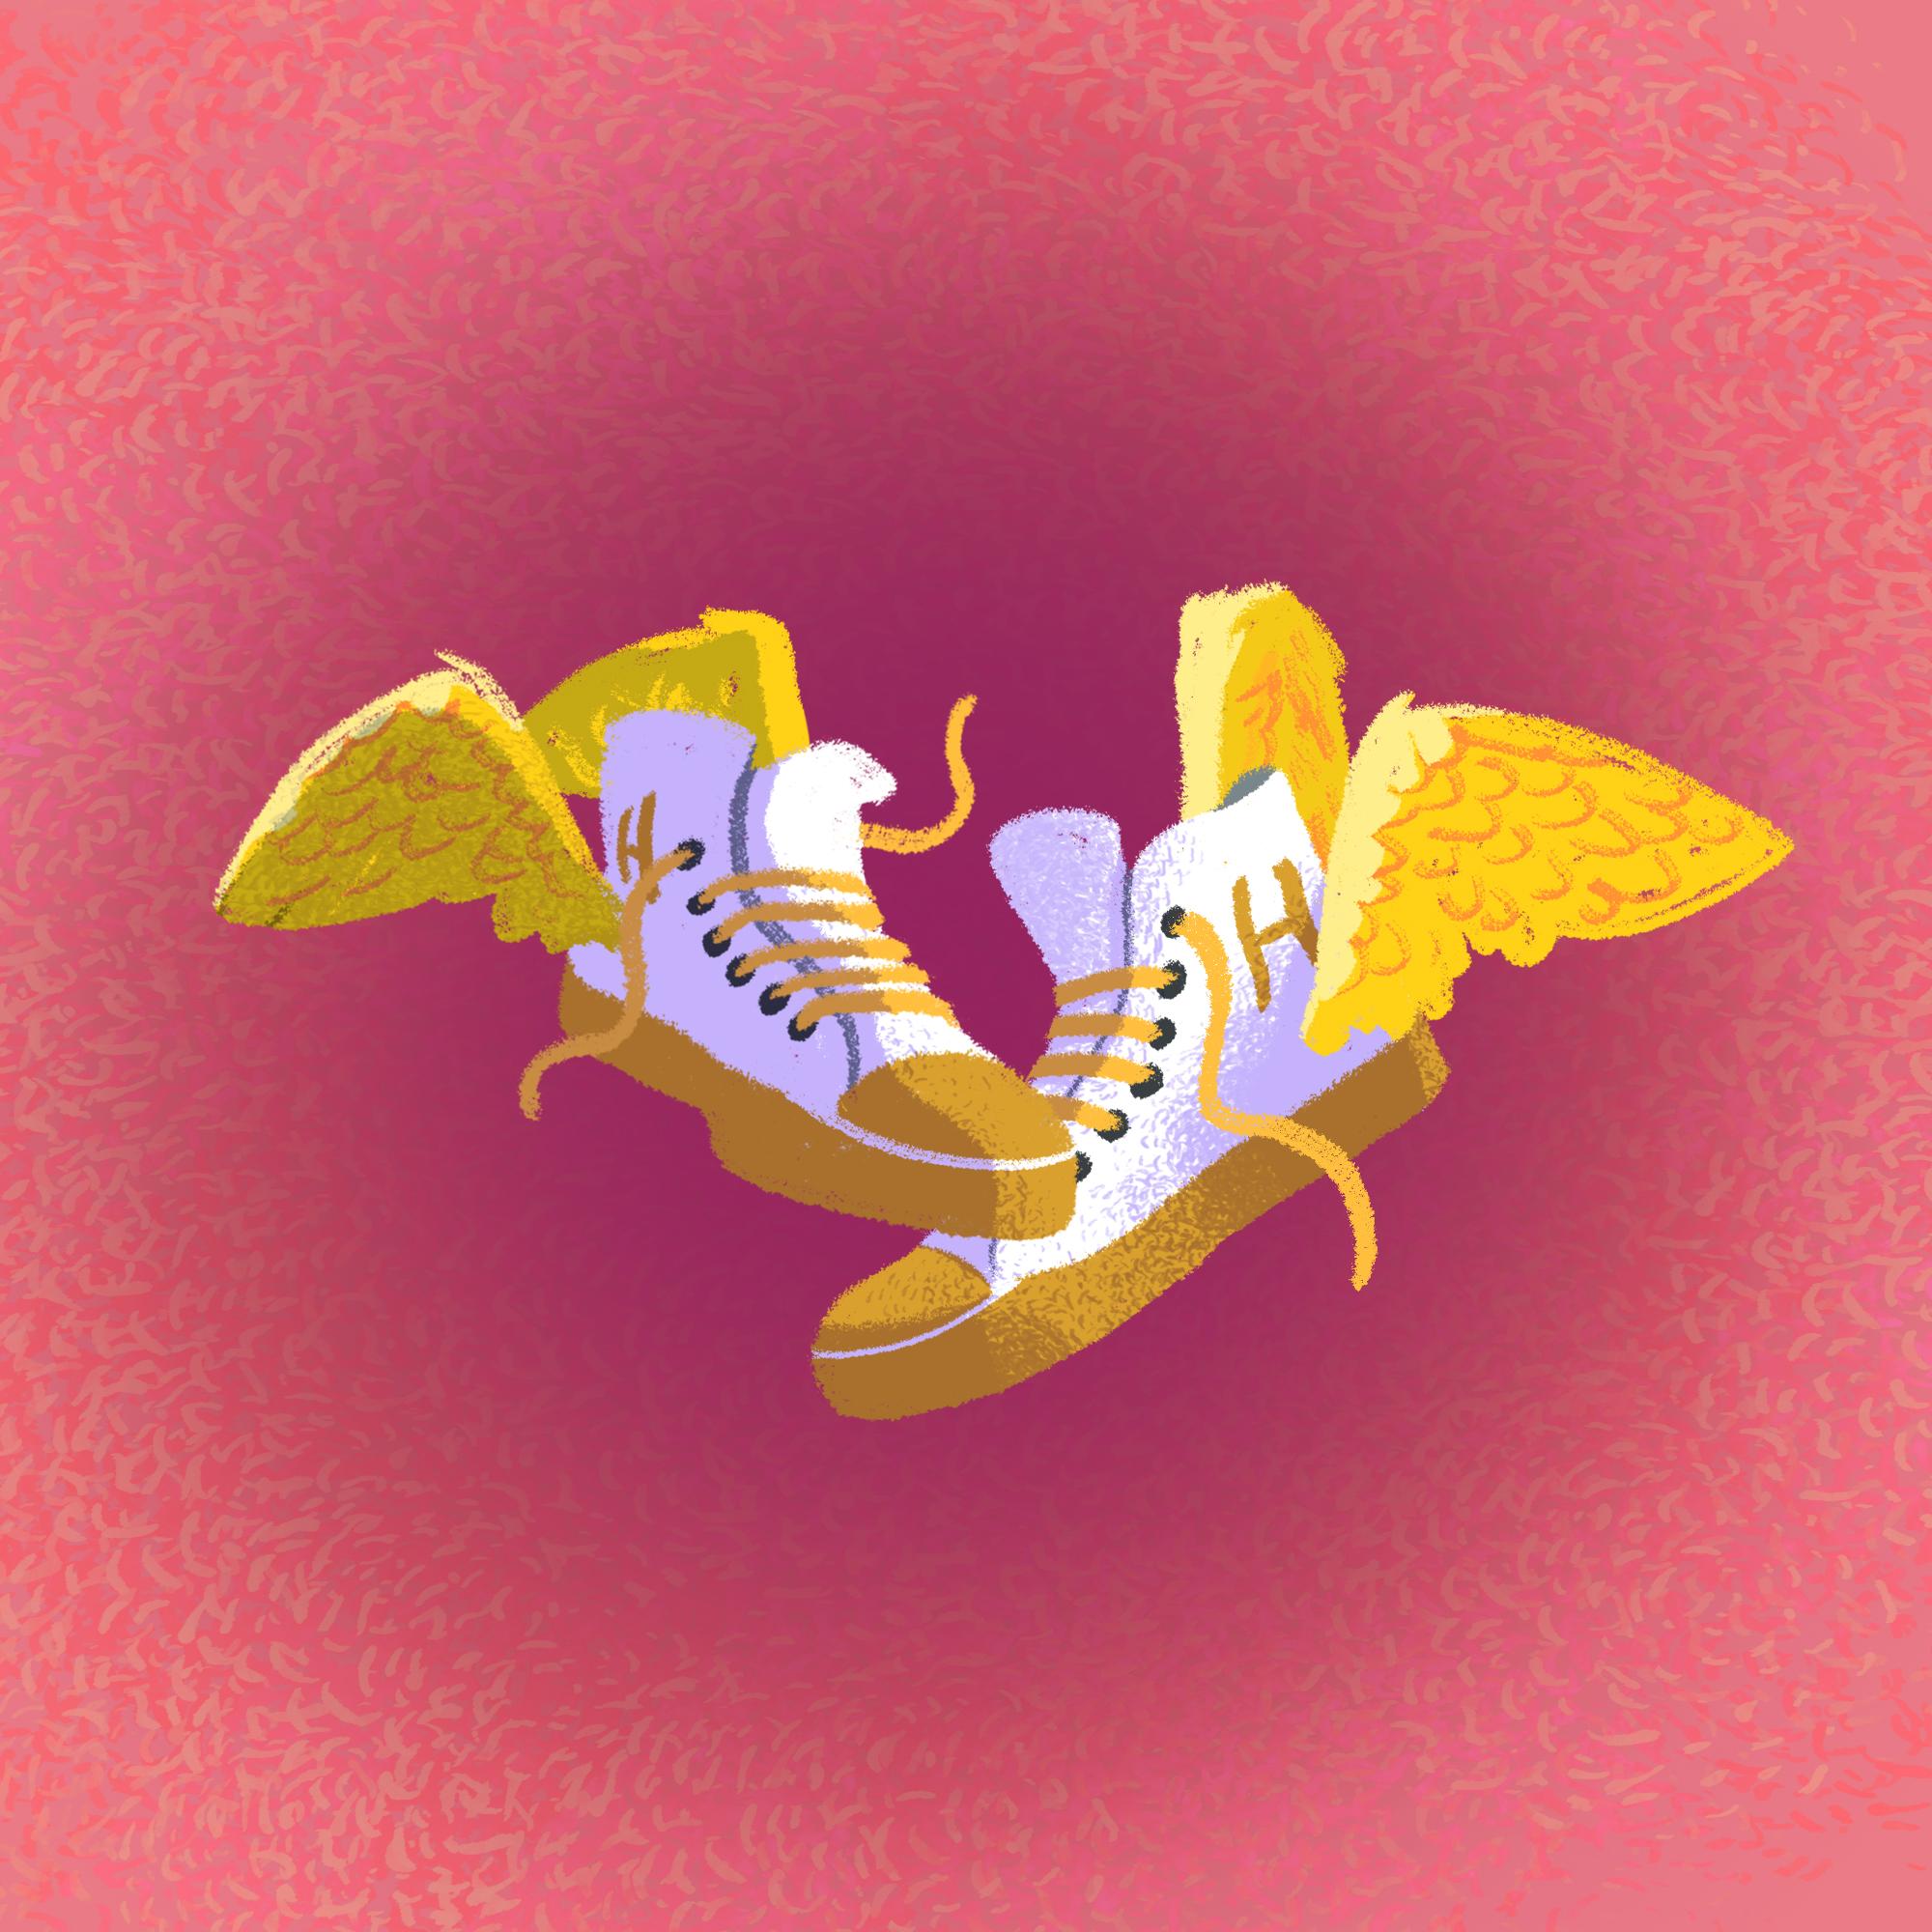 Hermes' sneakers